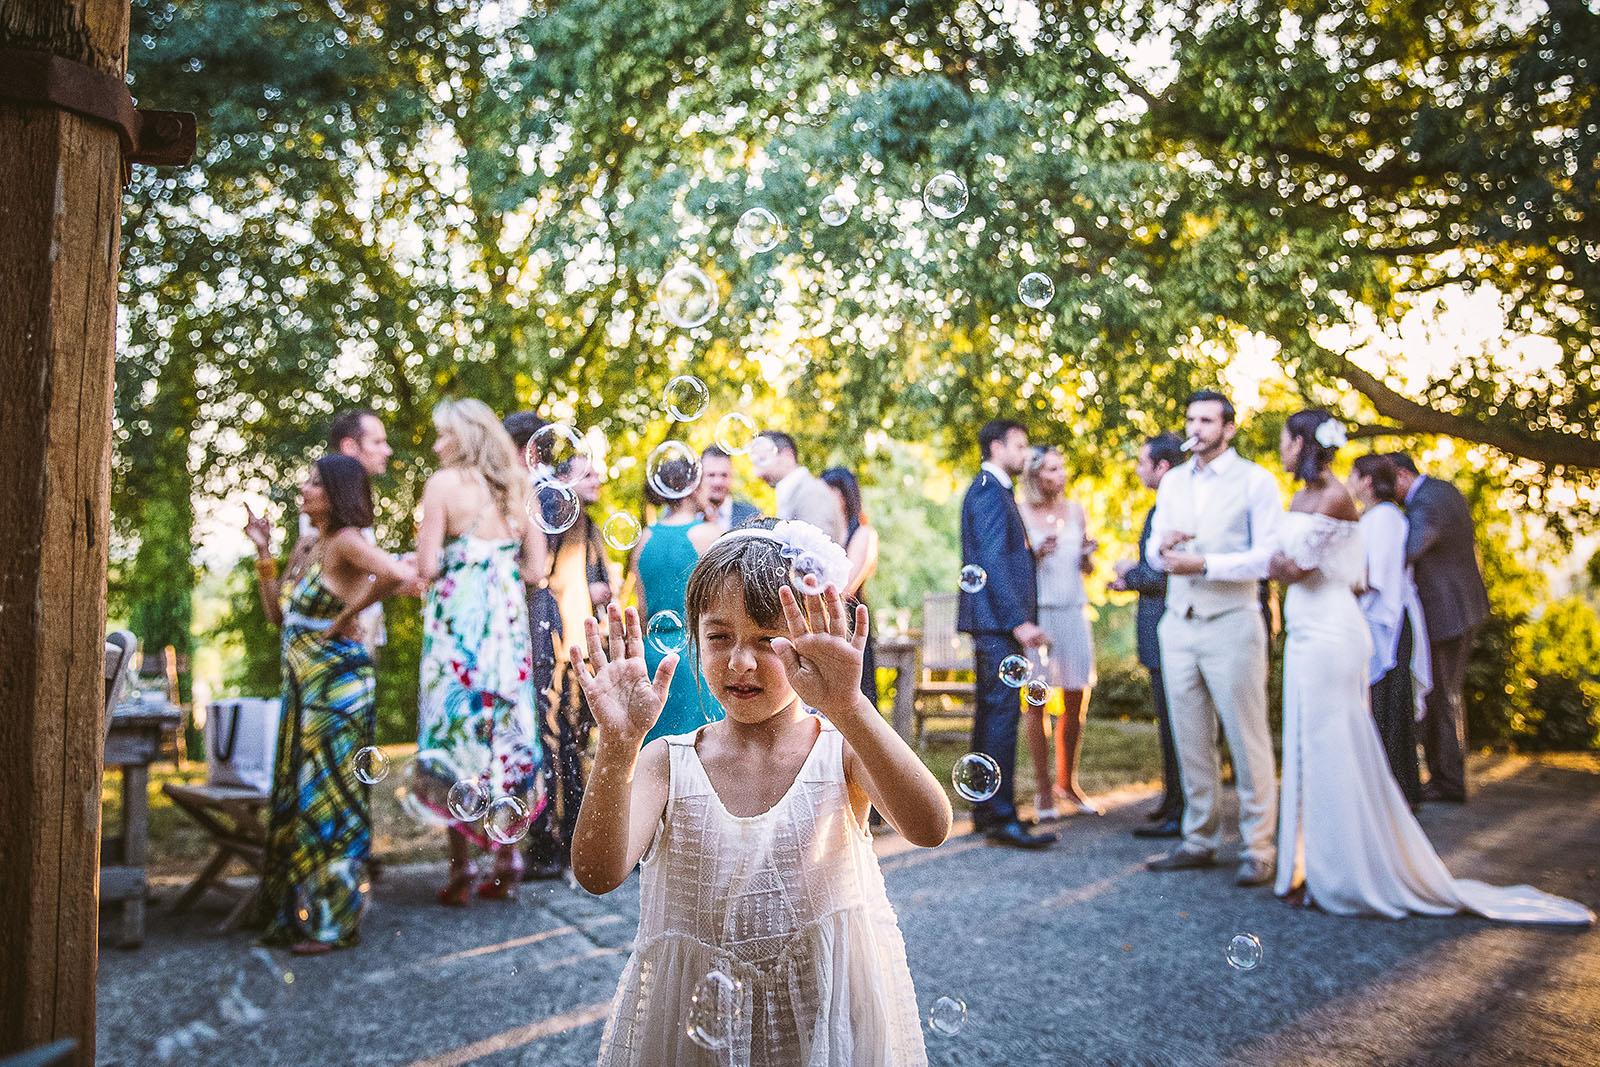 Mariage Mas de La Rouquette. David Pommier photographe de mariage. Les enfants